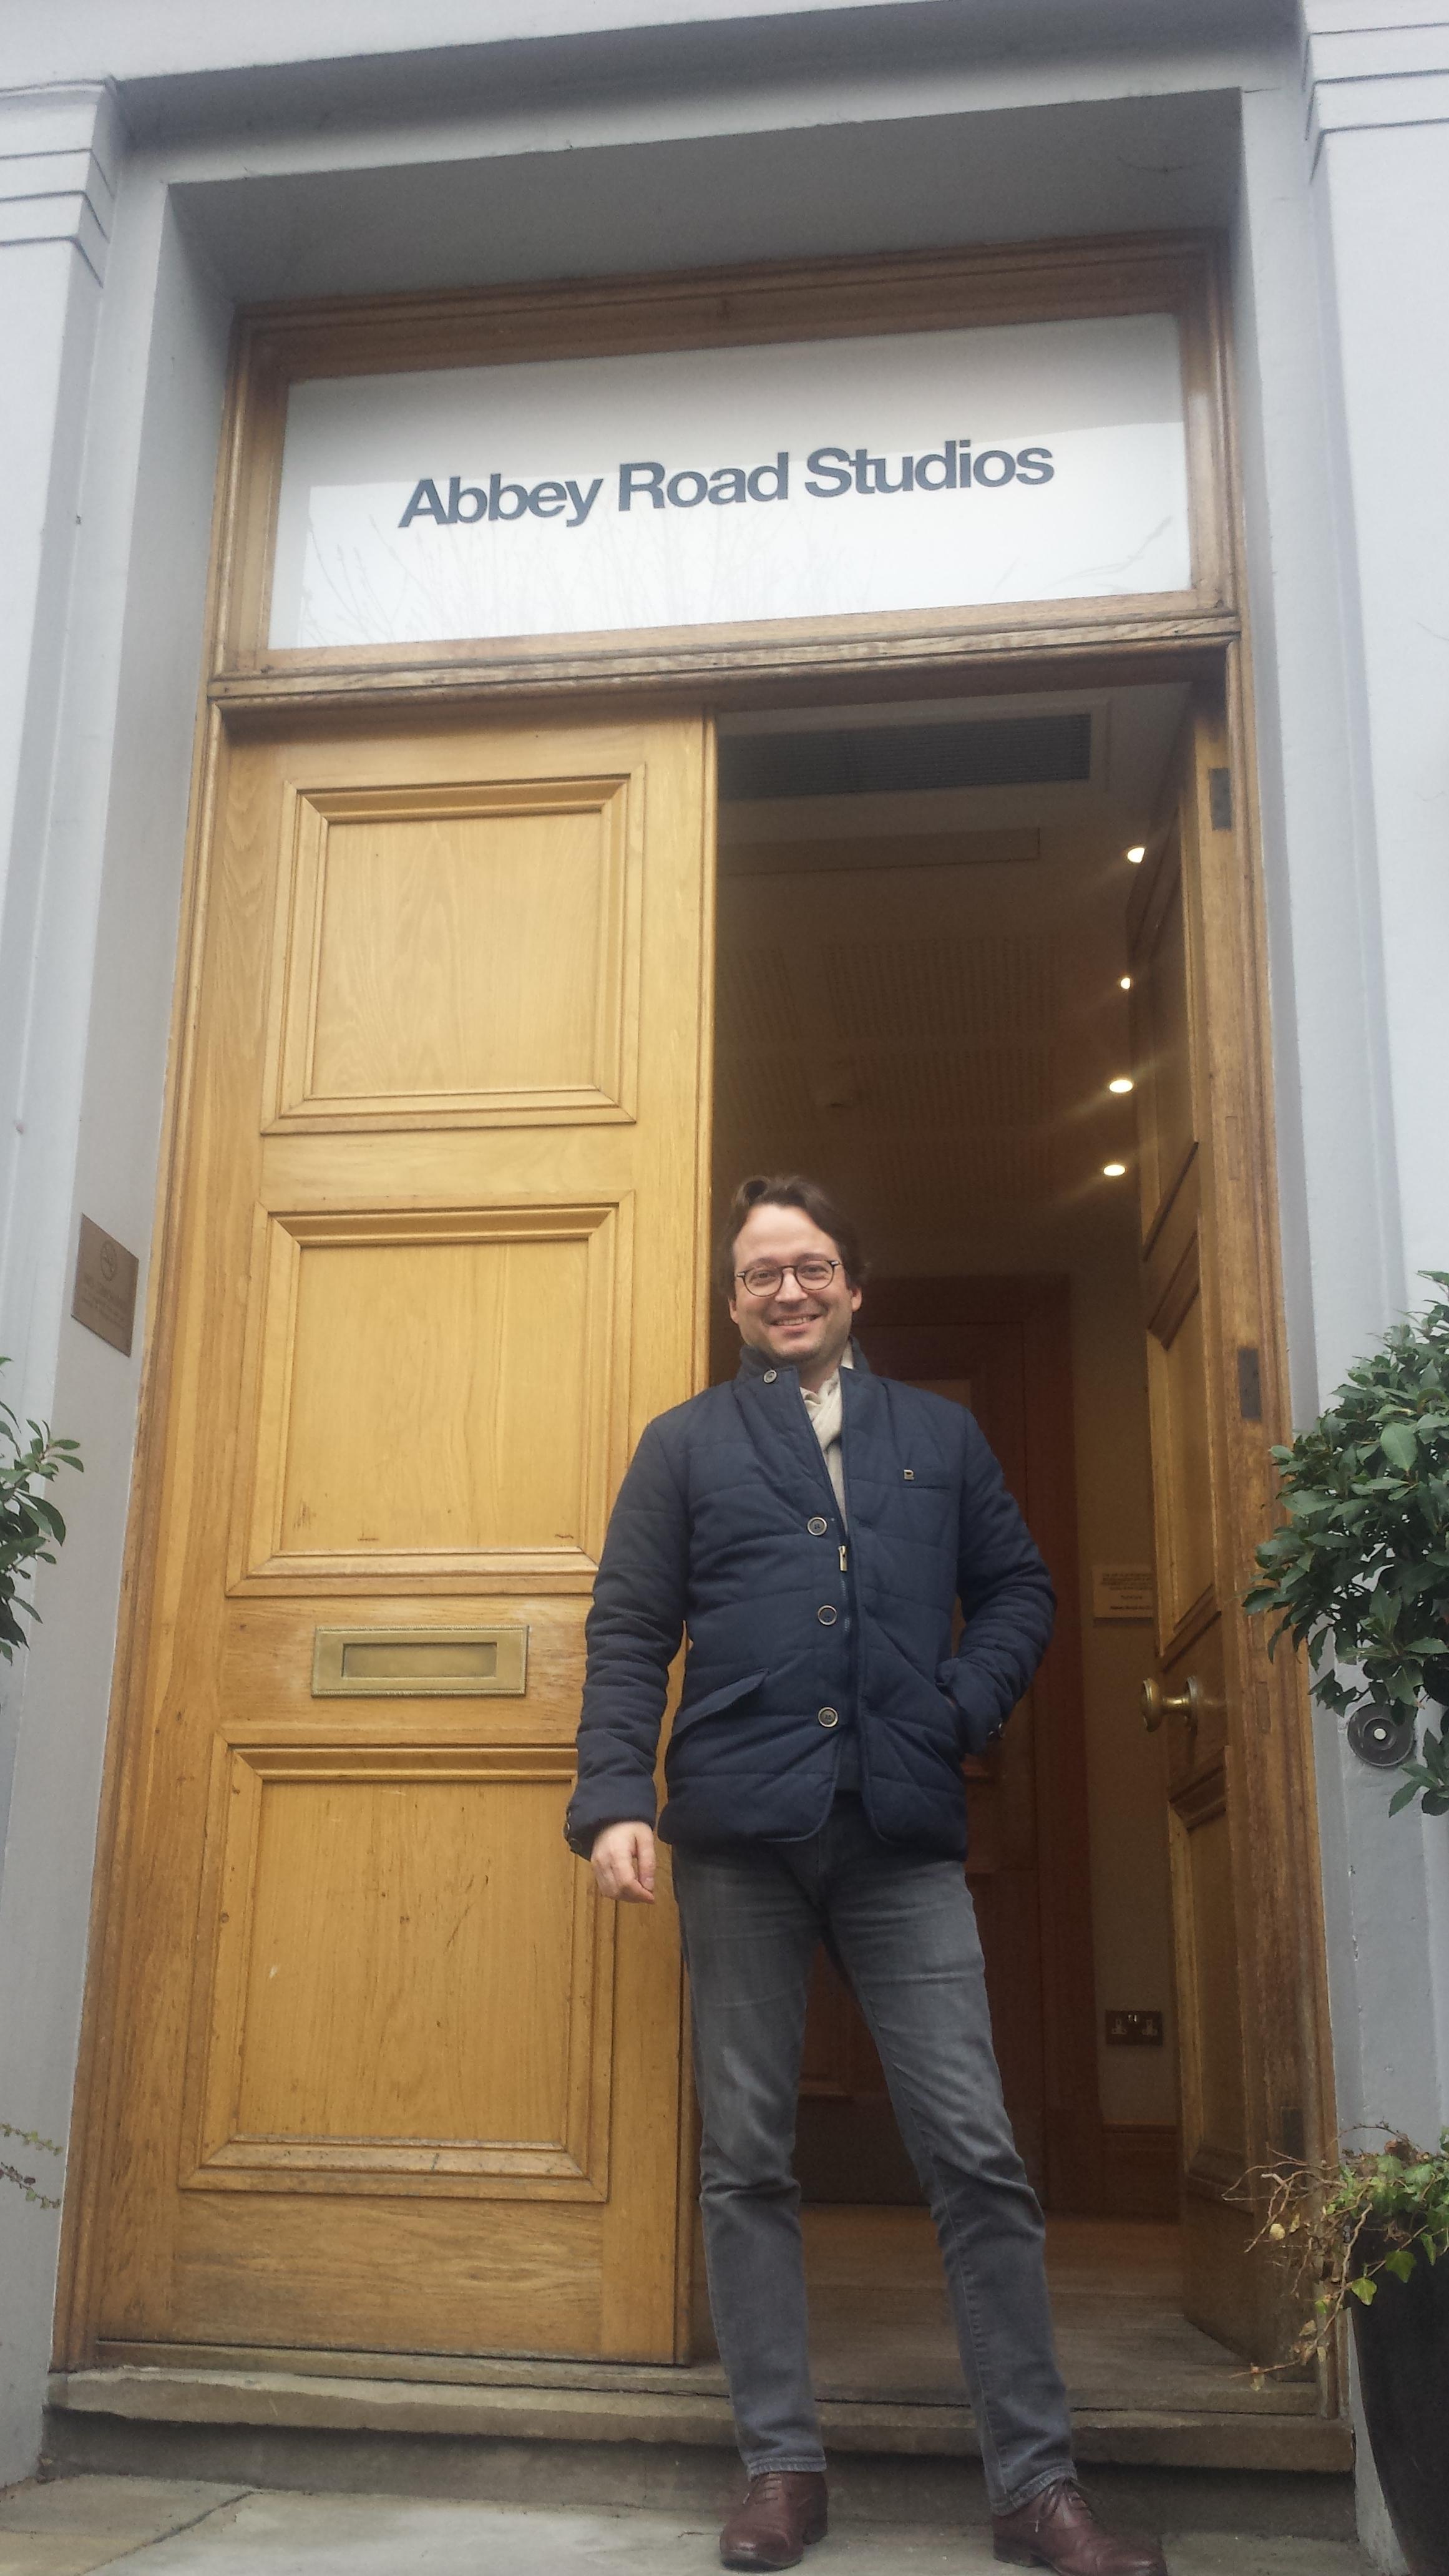 Abbey Road Studios - London